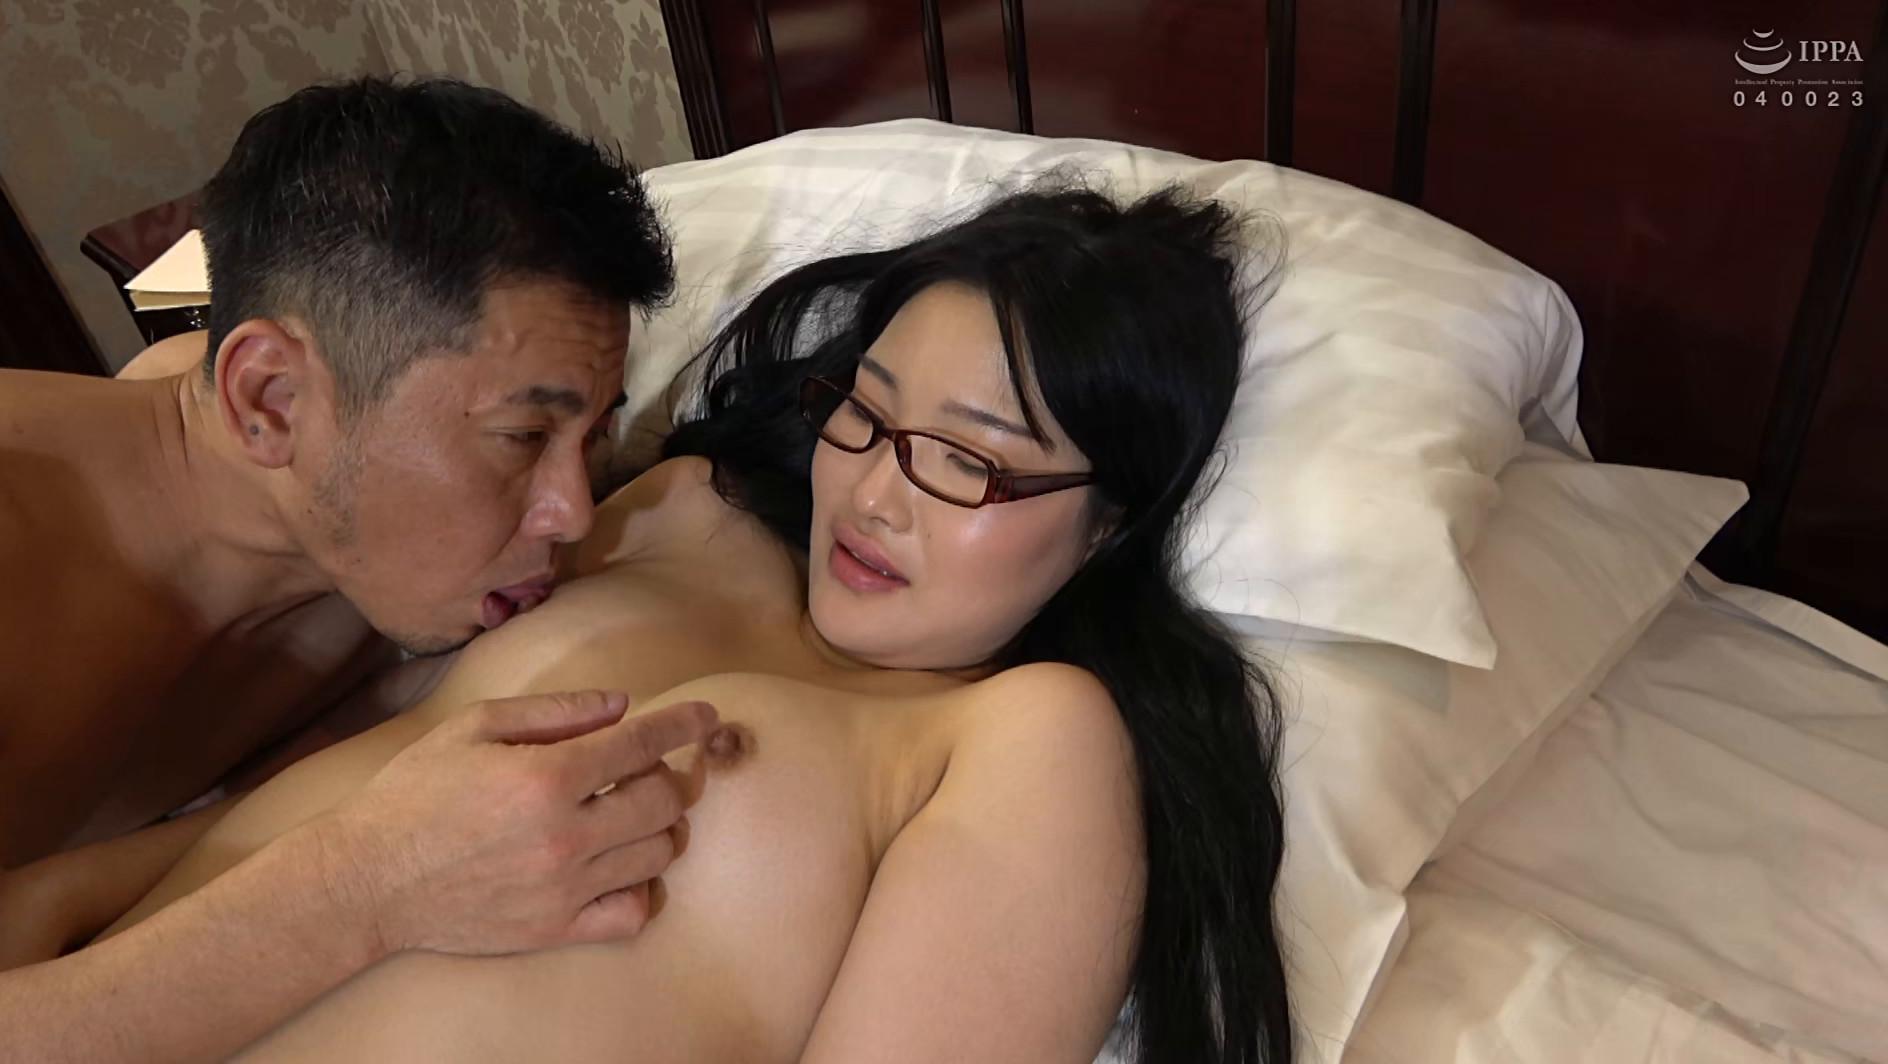 韓国で見つけた読書に夢中な堅物系の彼女は、エッチなこと好きでしょ?の直球質問にドギマギ!見かけによらずヤラしいパンティと舌出しべろちゅーで男をその気にさせる! 画像13